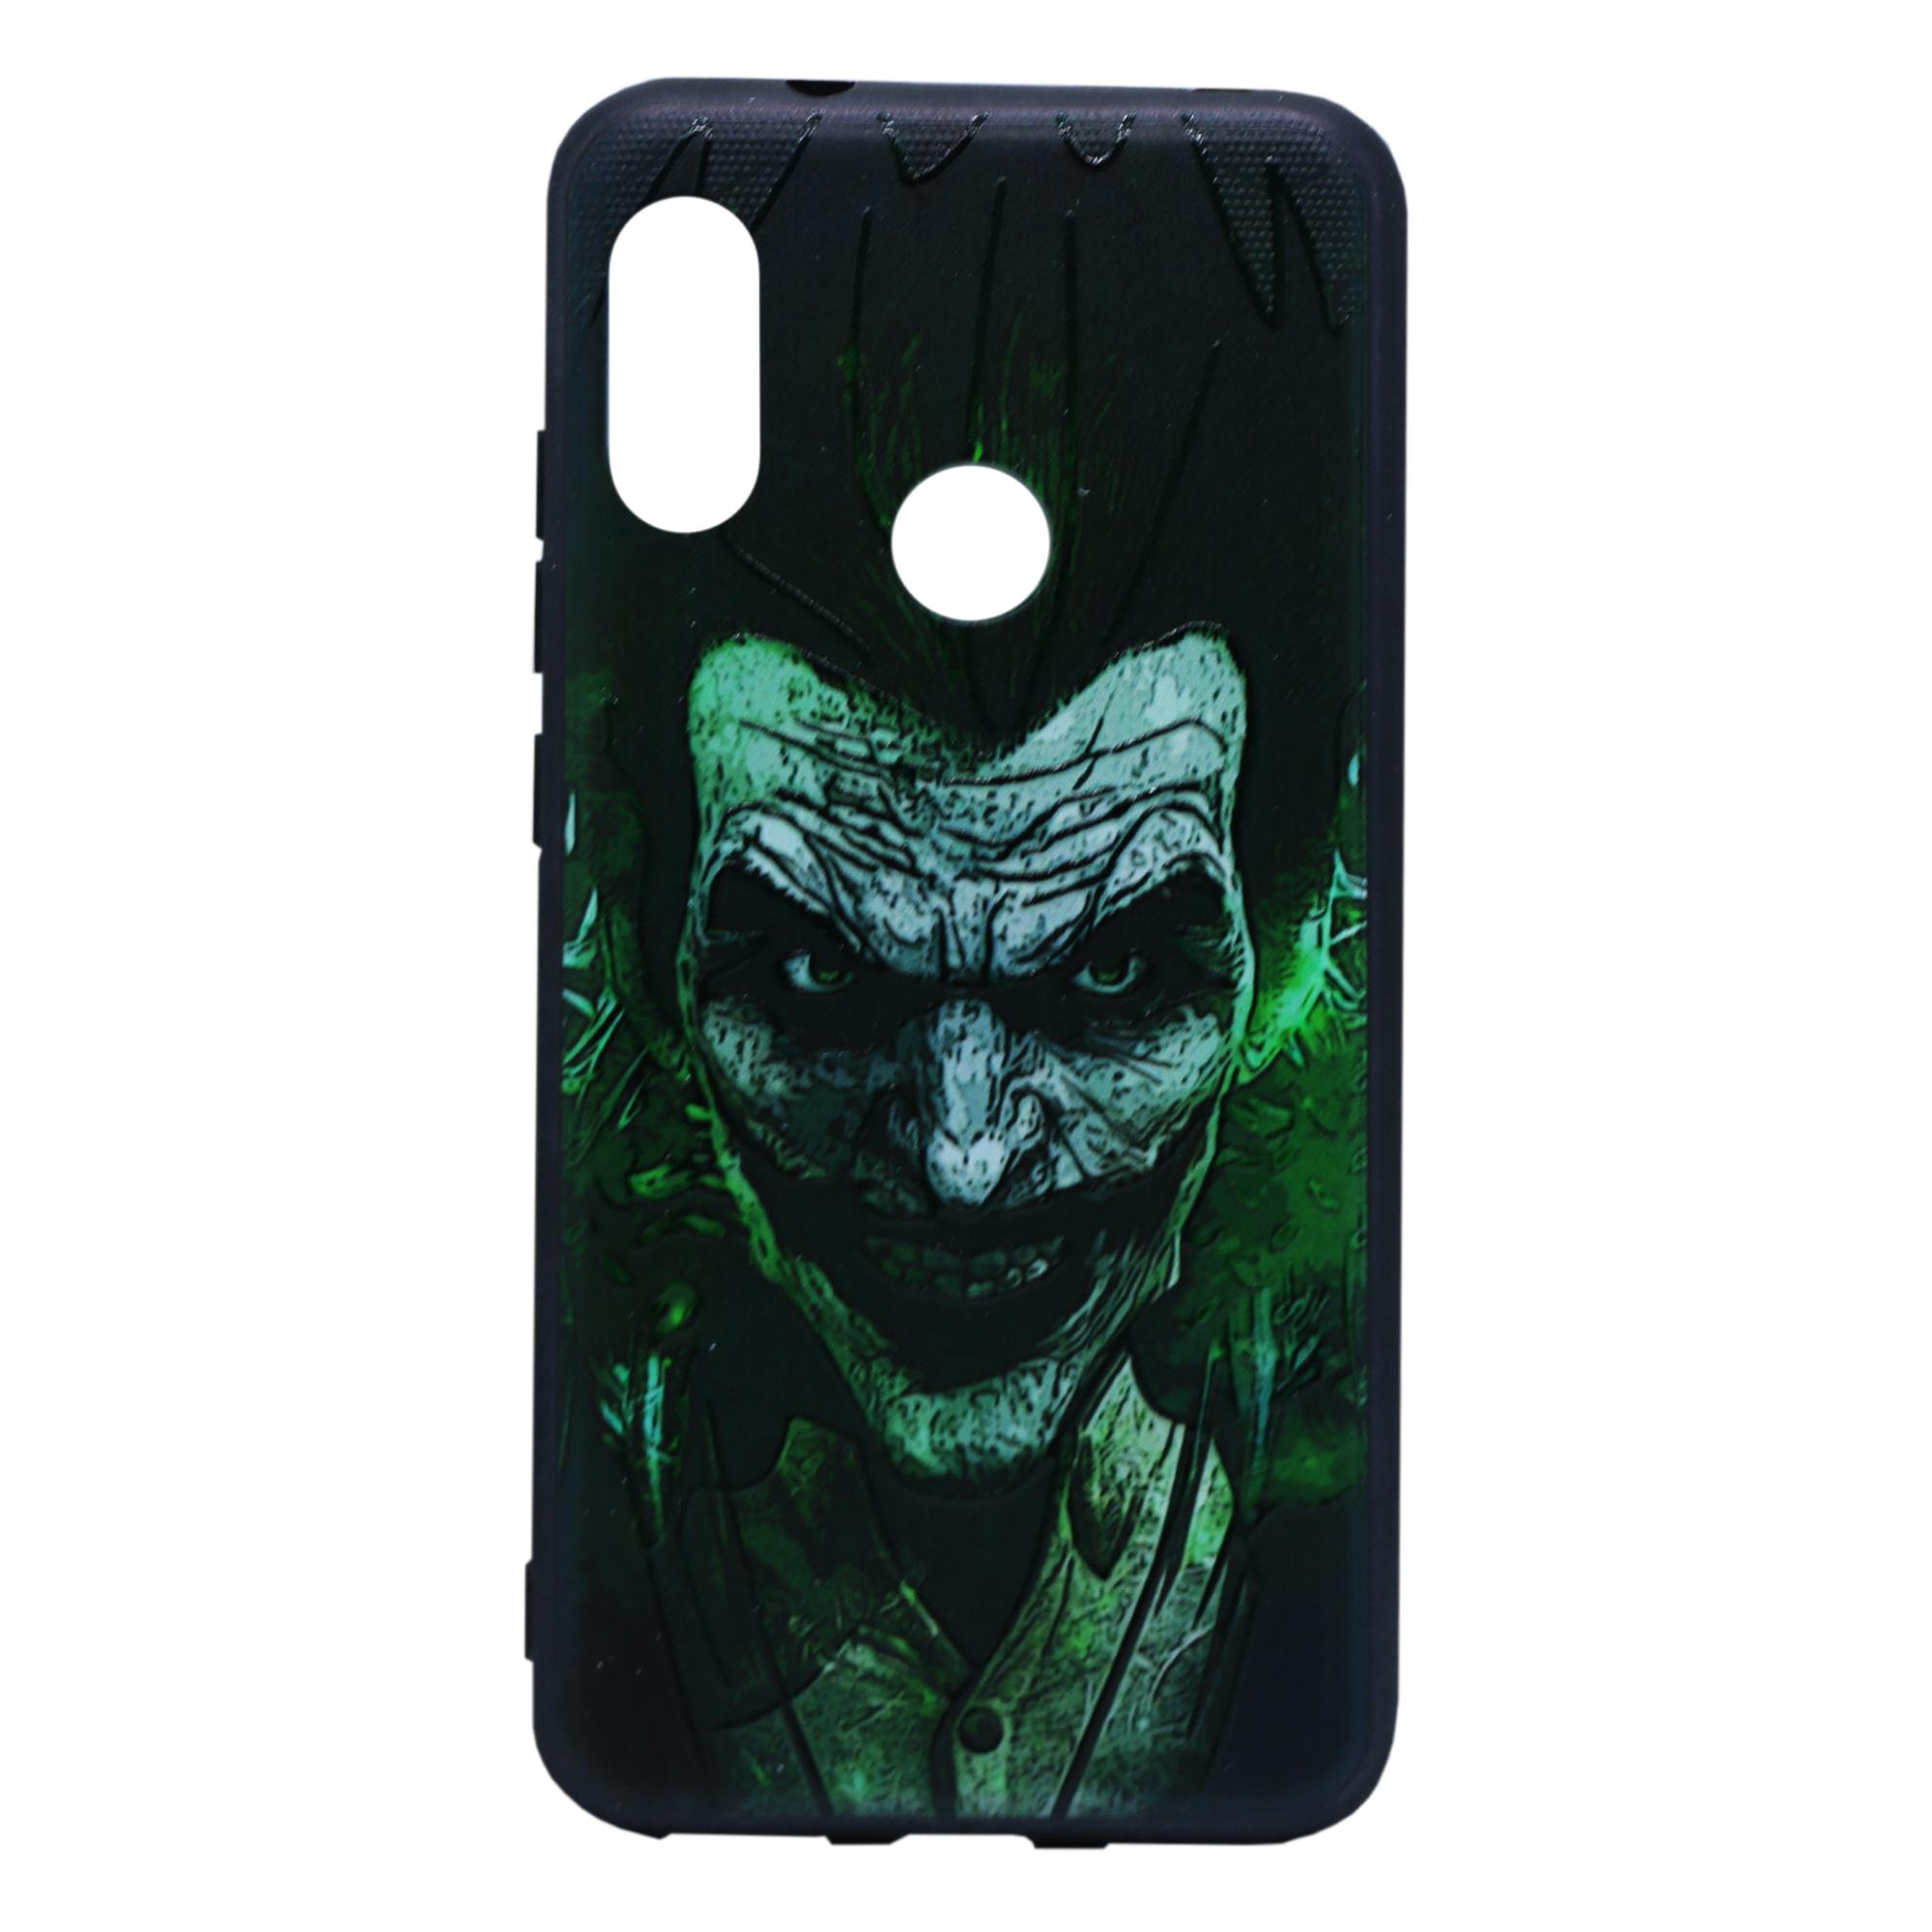 کاور طرح Green Man مدل Happy مناسب برای گوشی موبایل شیائومی A2Lite / Redmi 6Pro